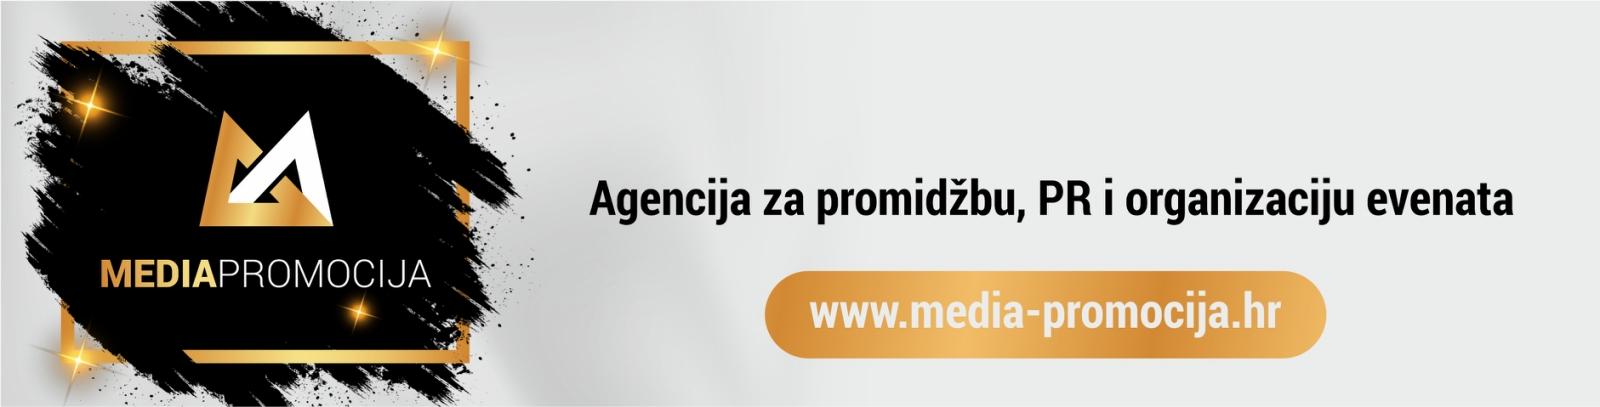 Media promocija